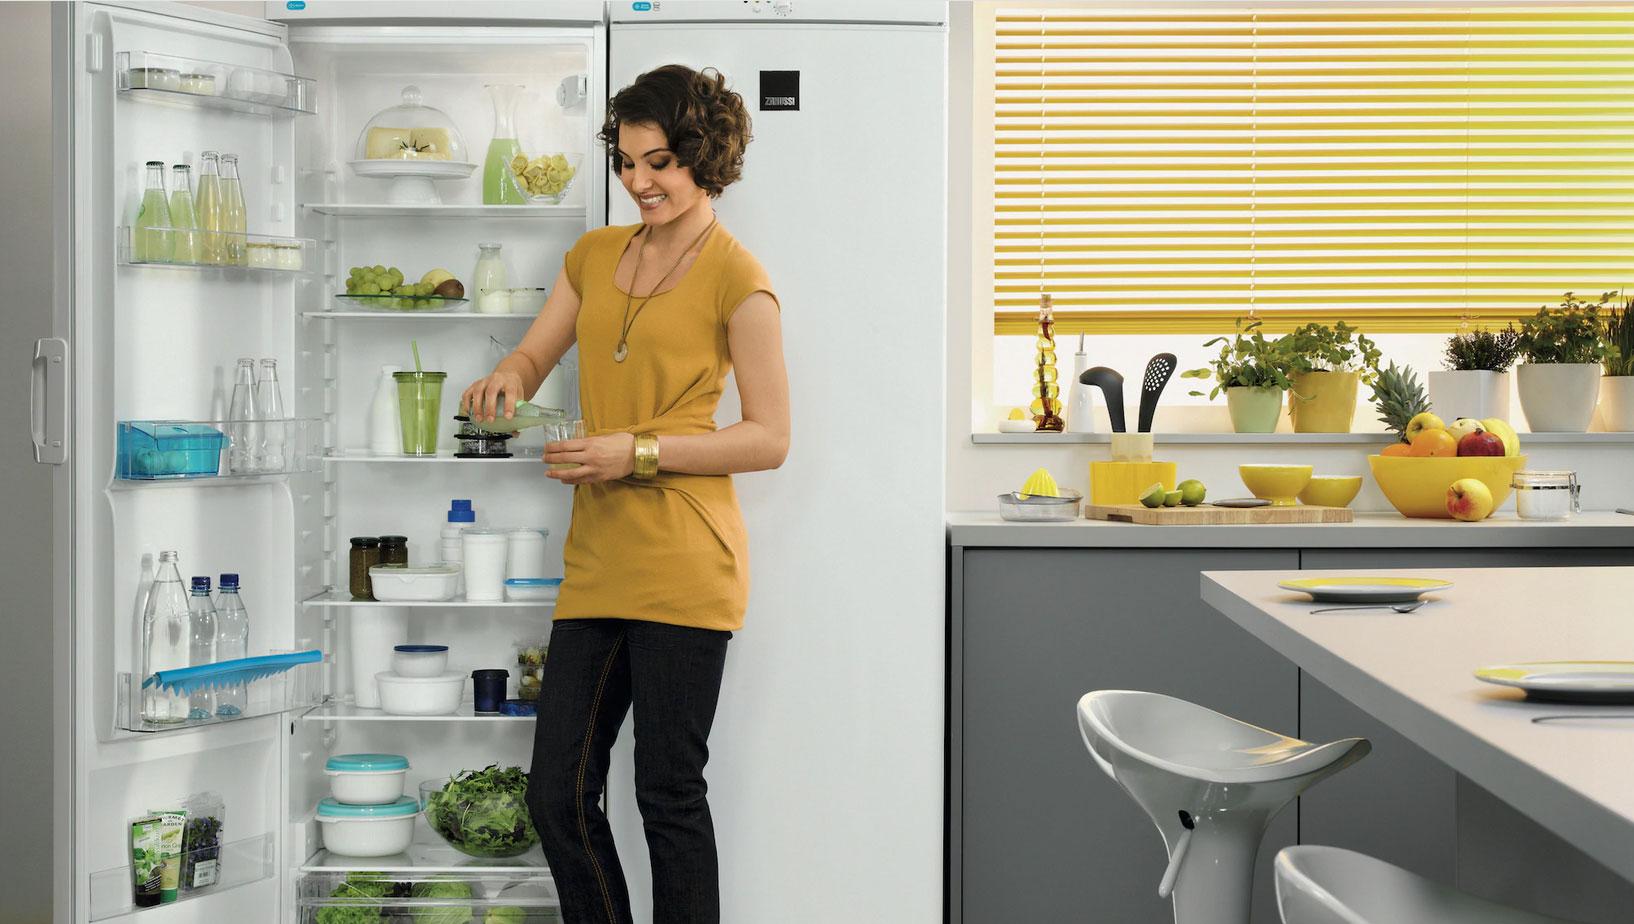 Kühlschränke für Jedermann im Küchenstudio Janthur - Lassen Sie sich beraten!